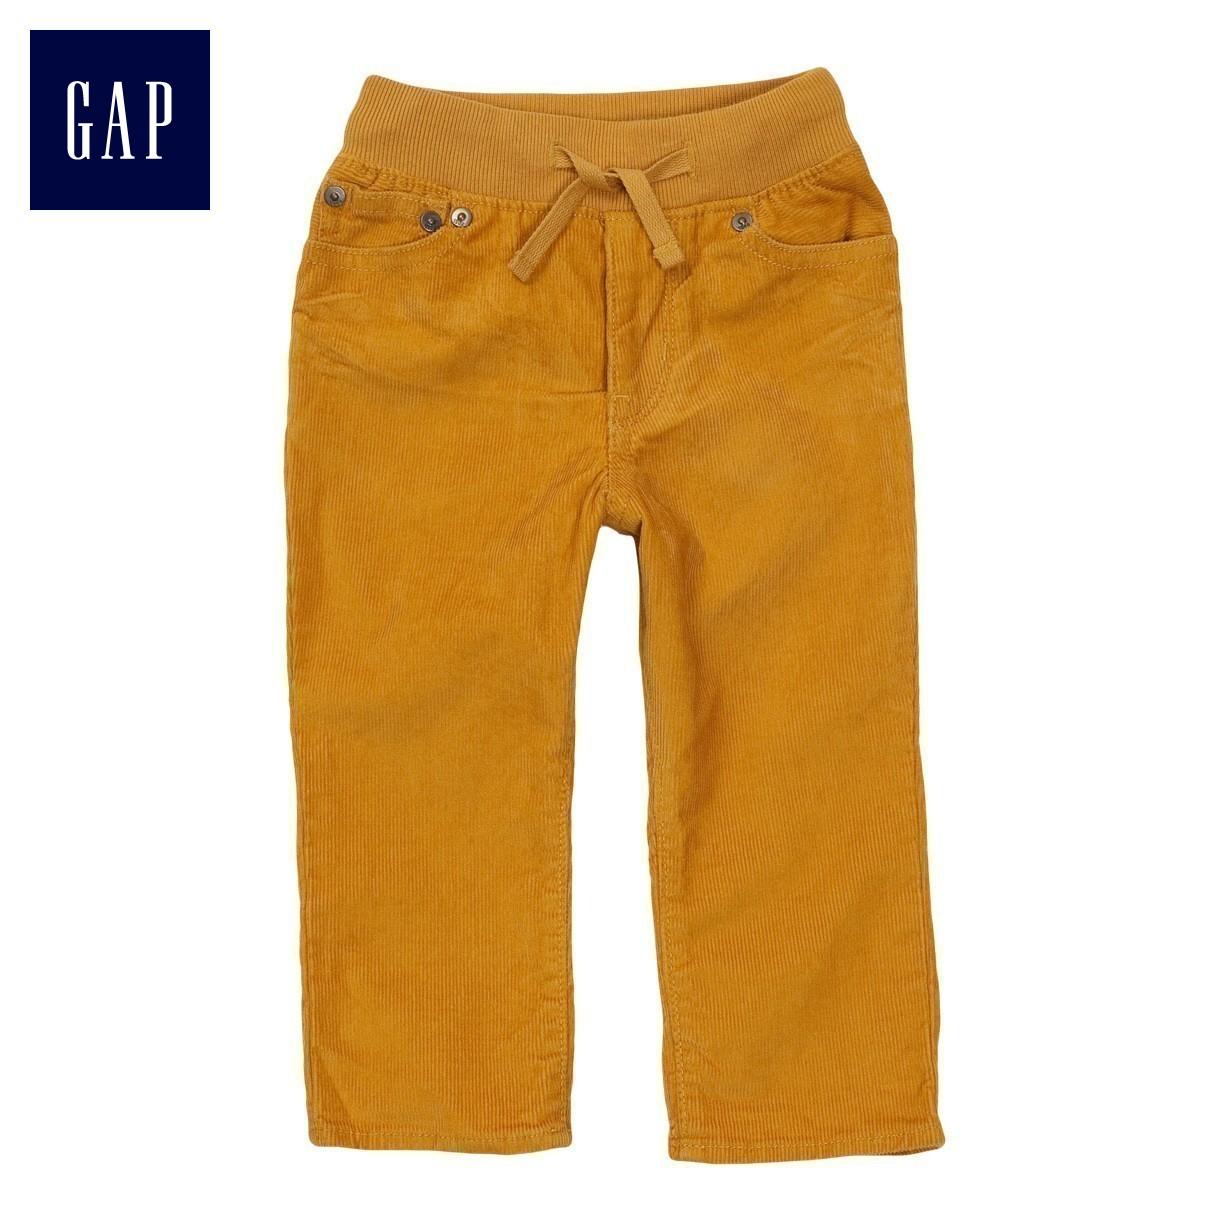 детские штаны GAP 000670318/1 670318-1 229 GAP